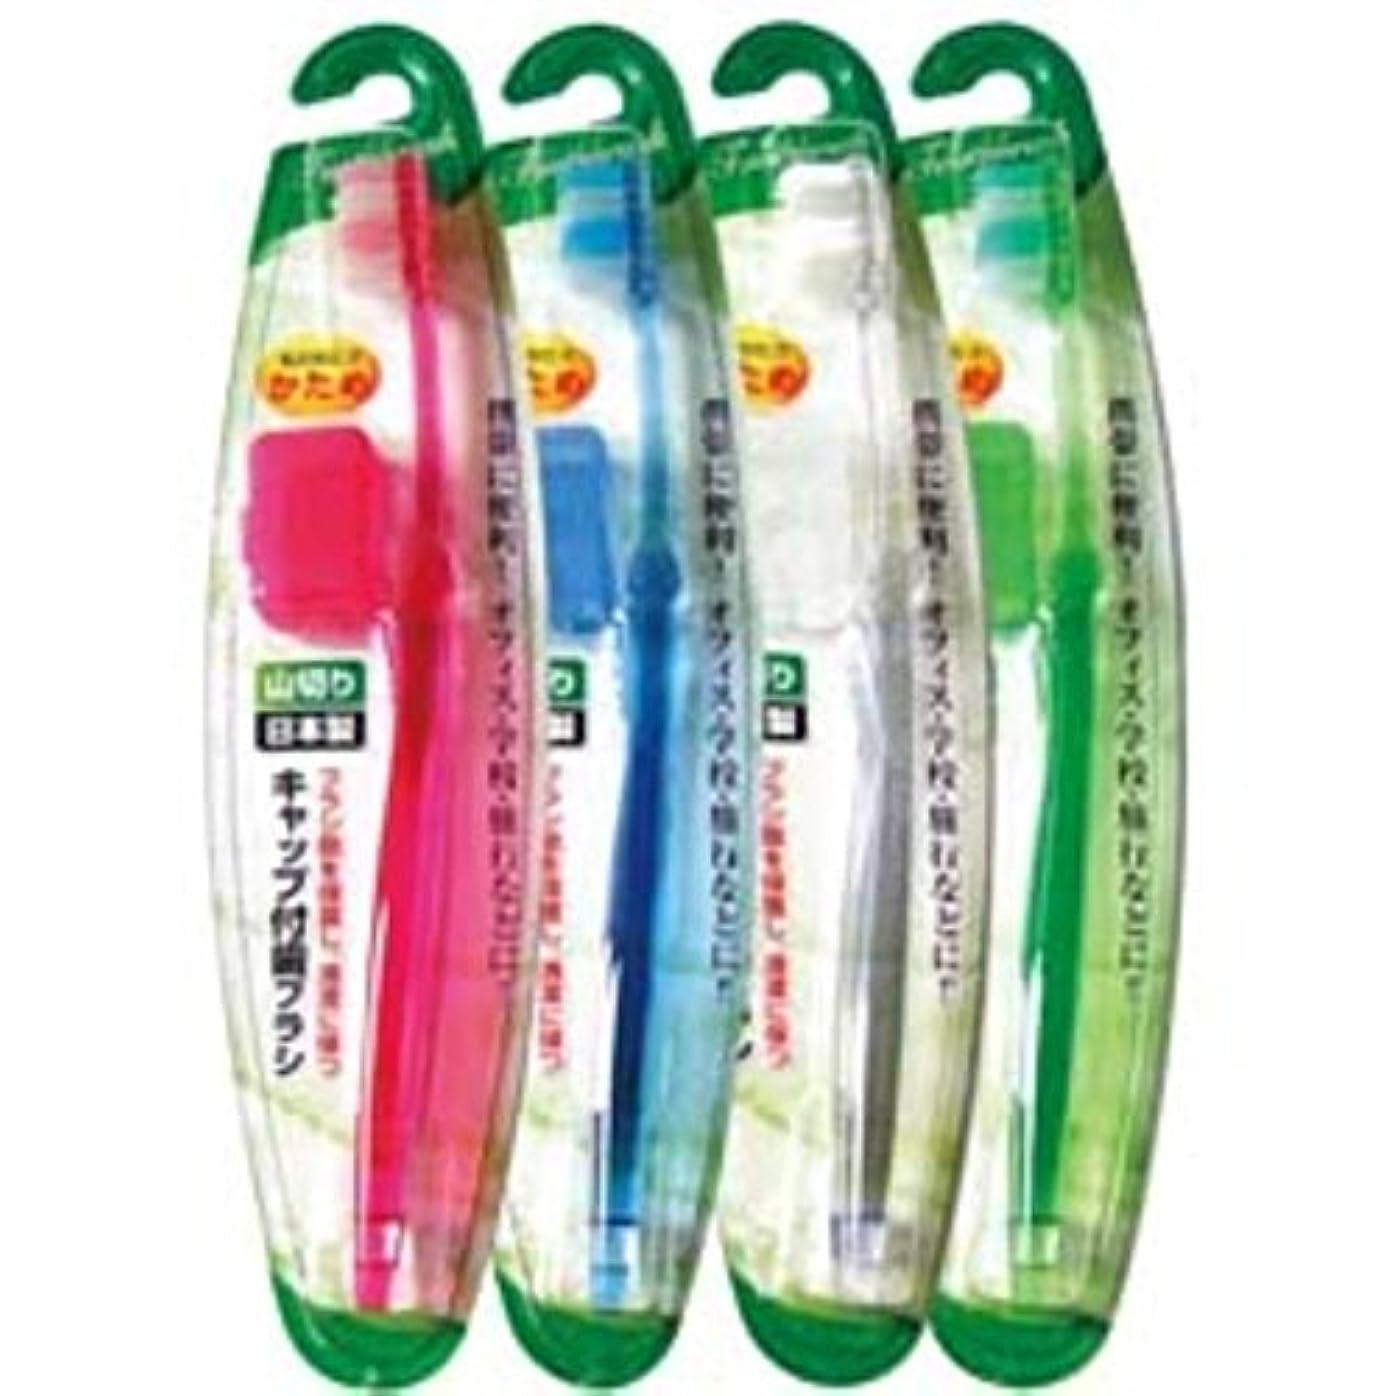 遅い並外れたロードハウスキャップ付歯ブラシ山切りカット(かため)日本製 japan 【まとめ買い12個セット】 41-210